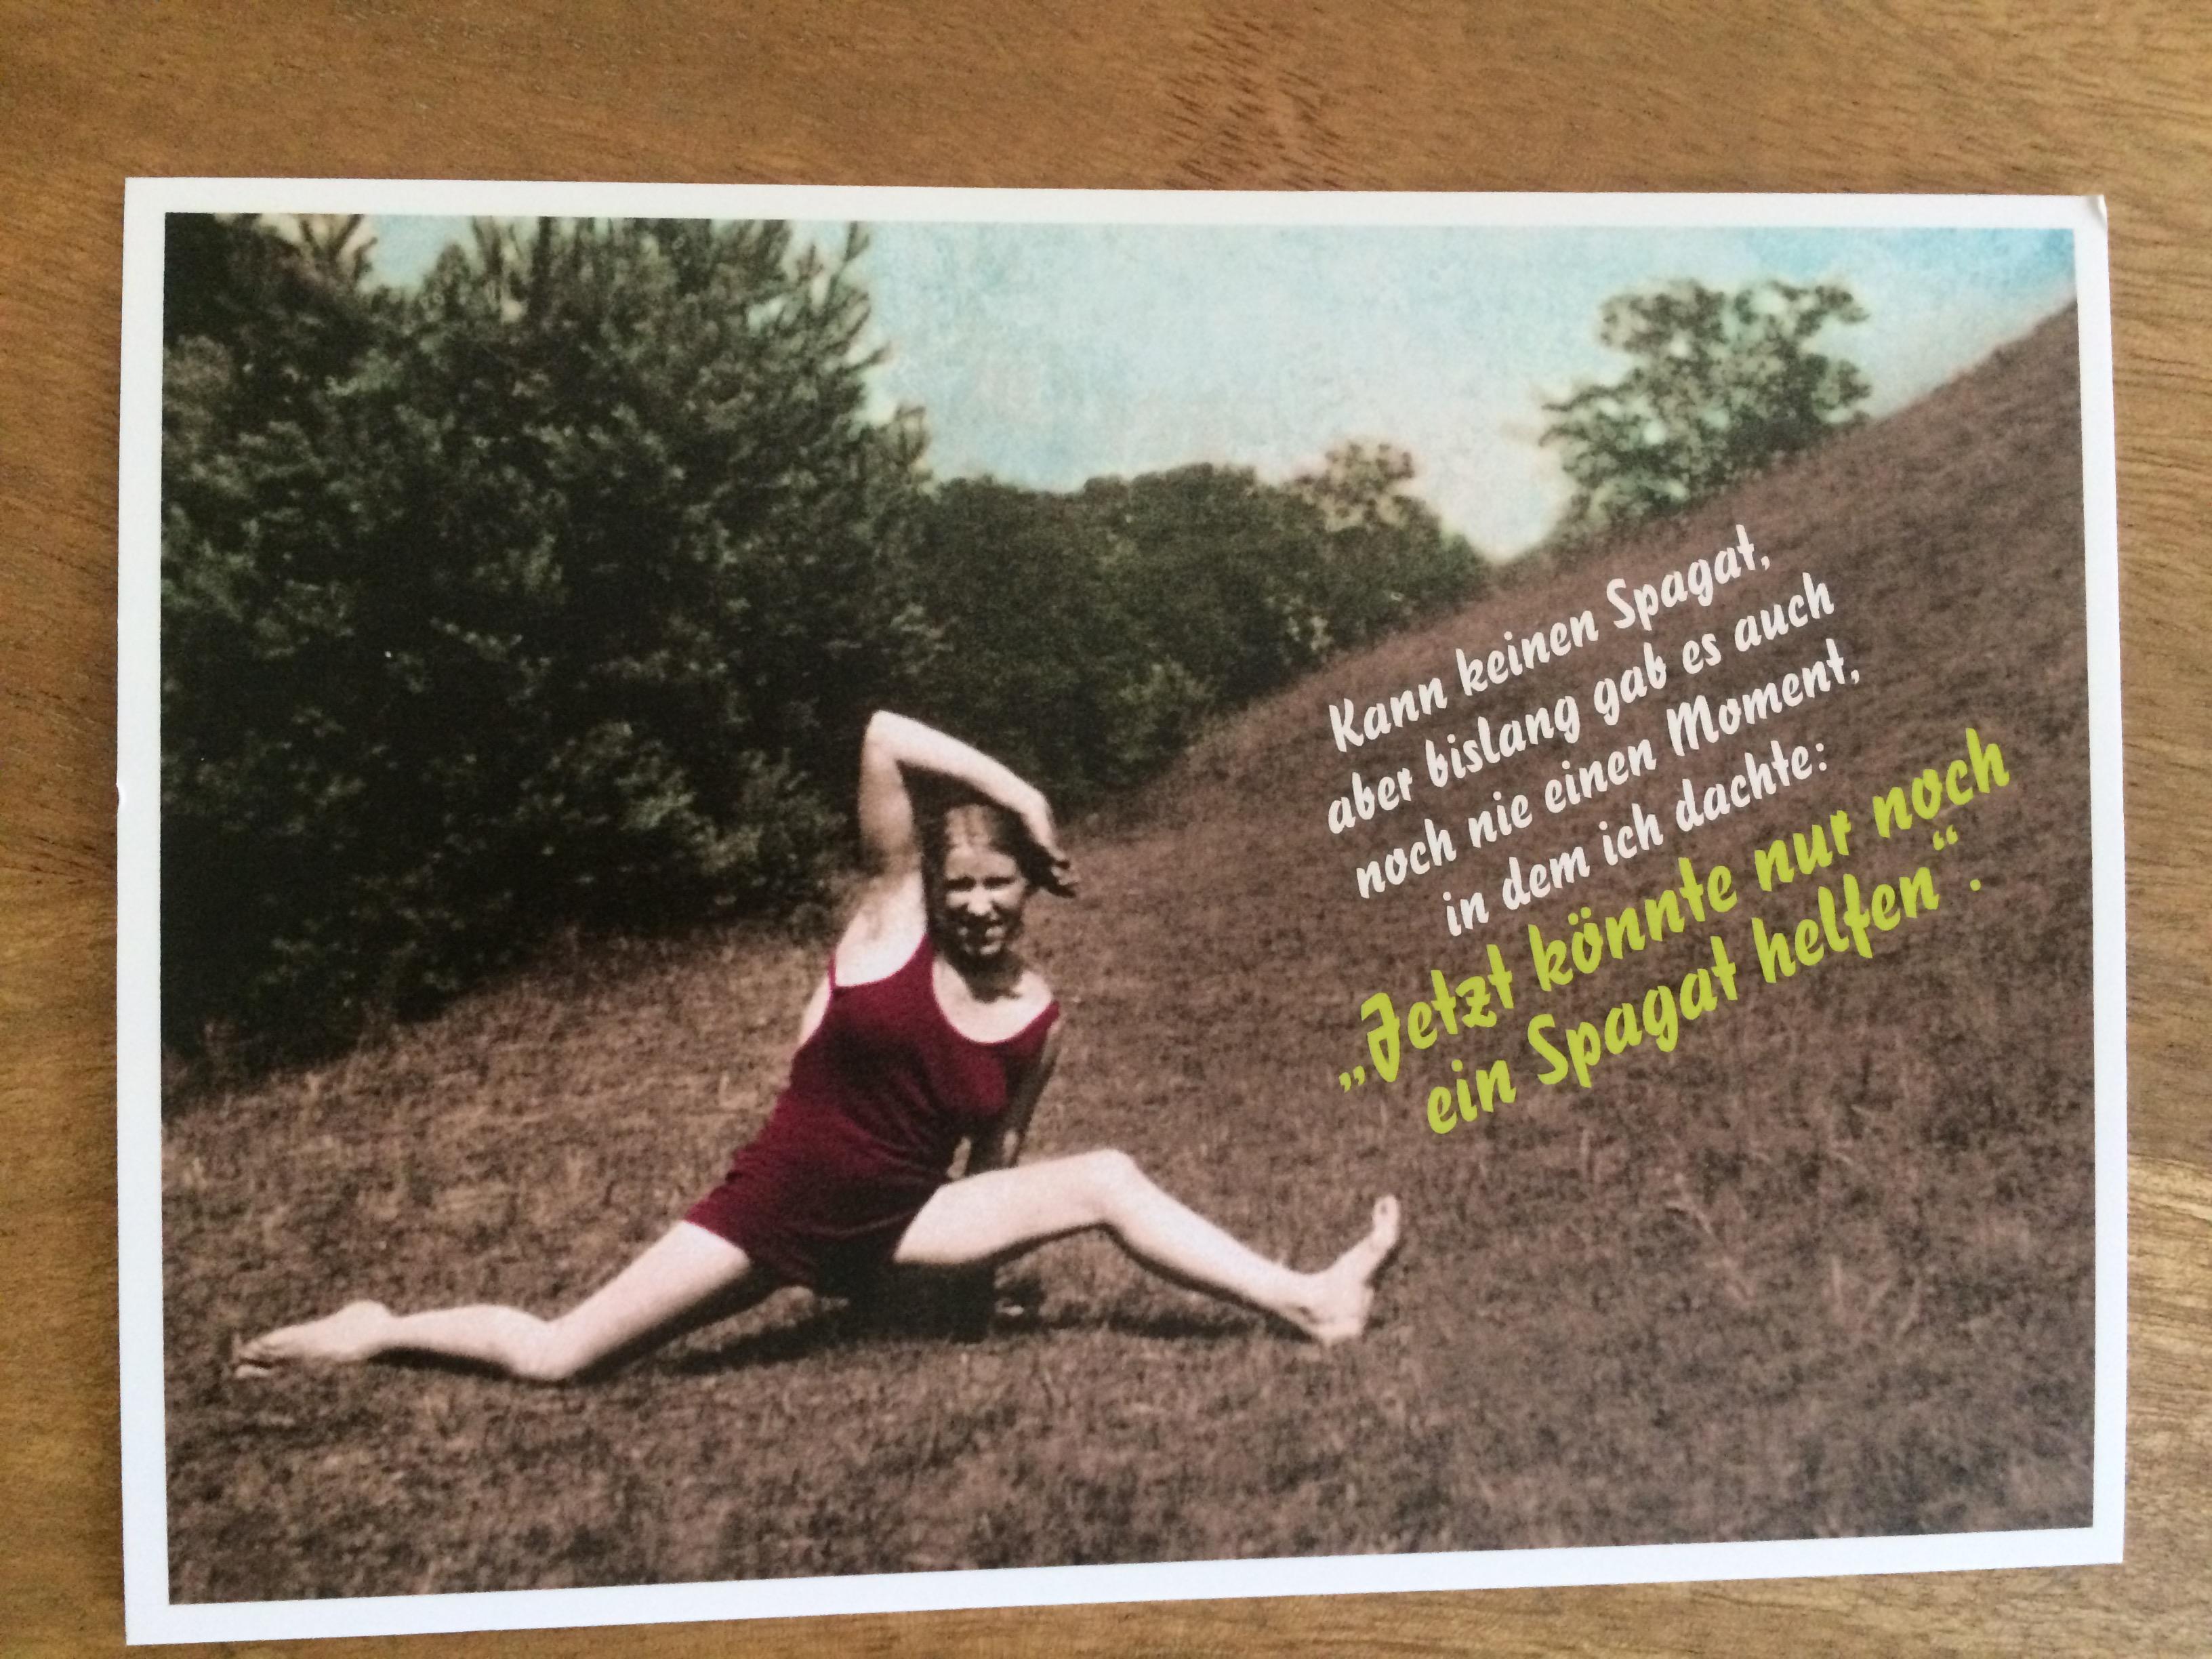 Postkarte Karte Kann keinen Spagat aber bislang gab es auch noch nie einen Moment in dem ich dach